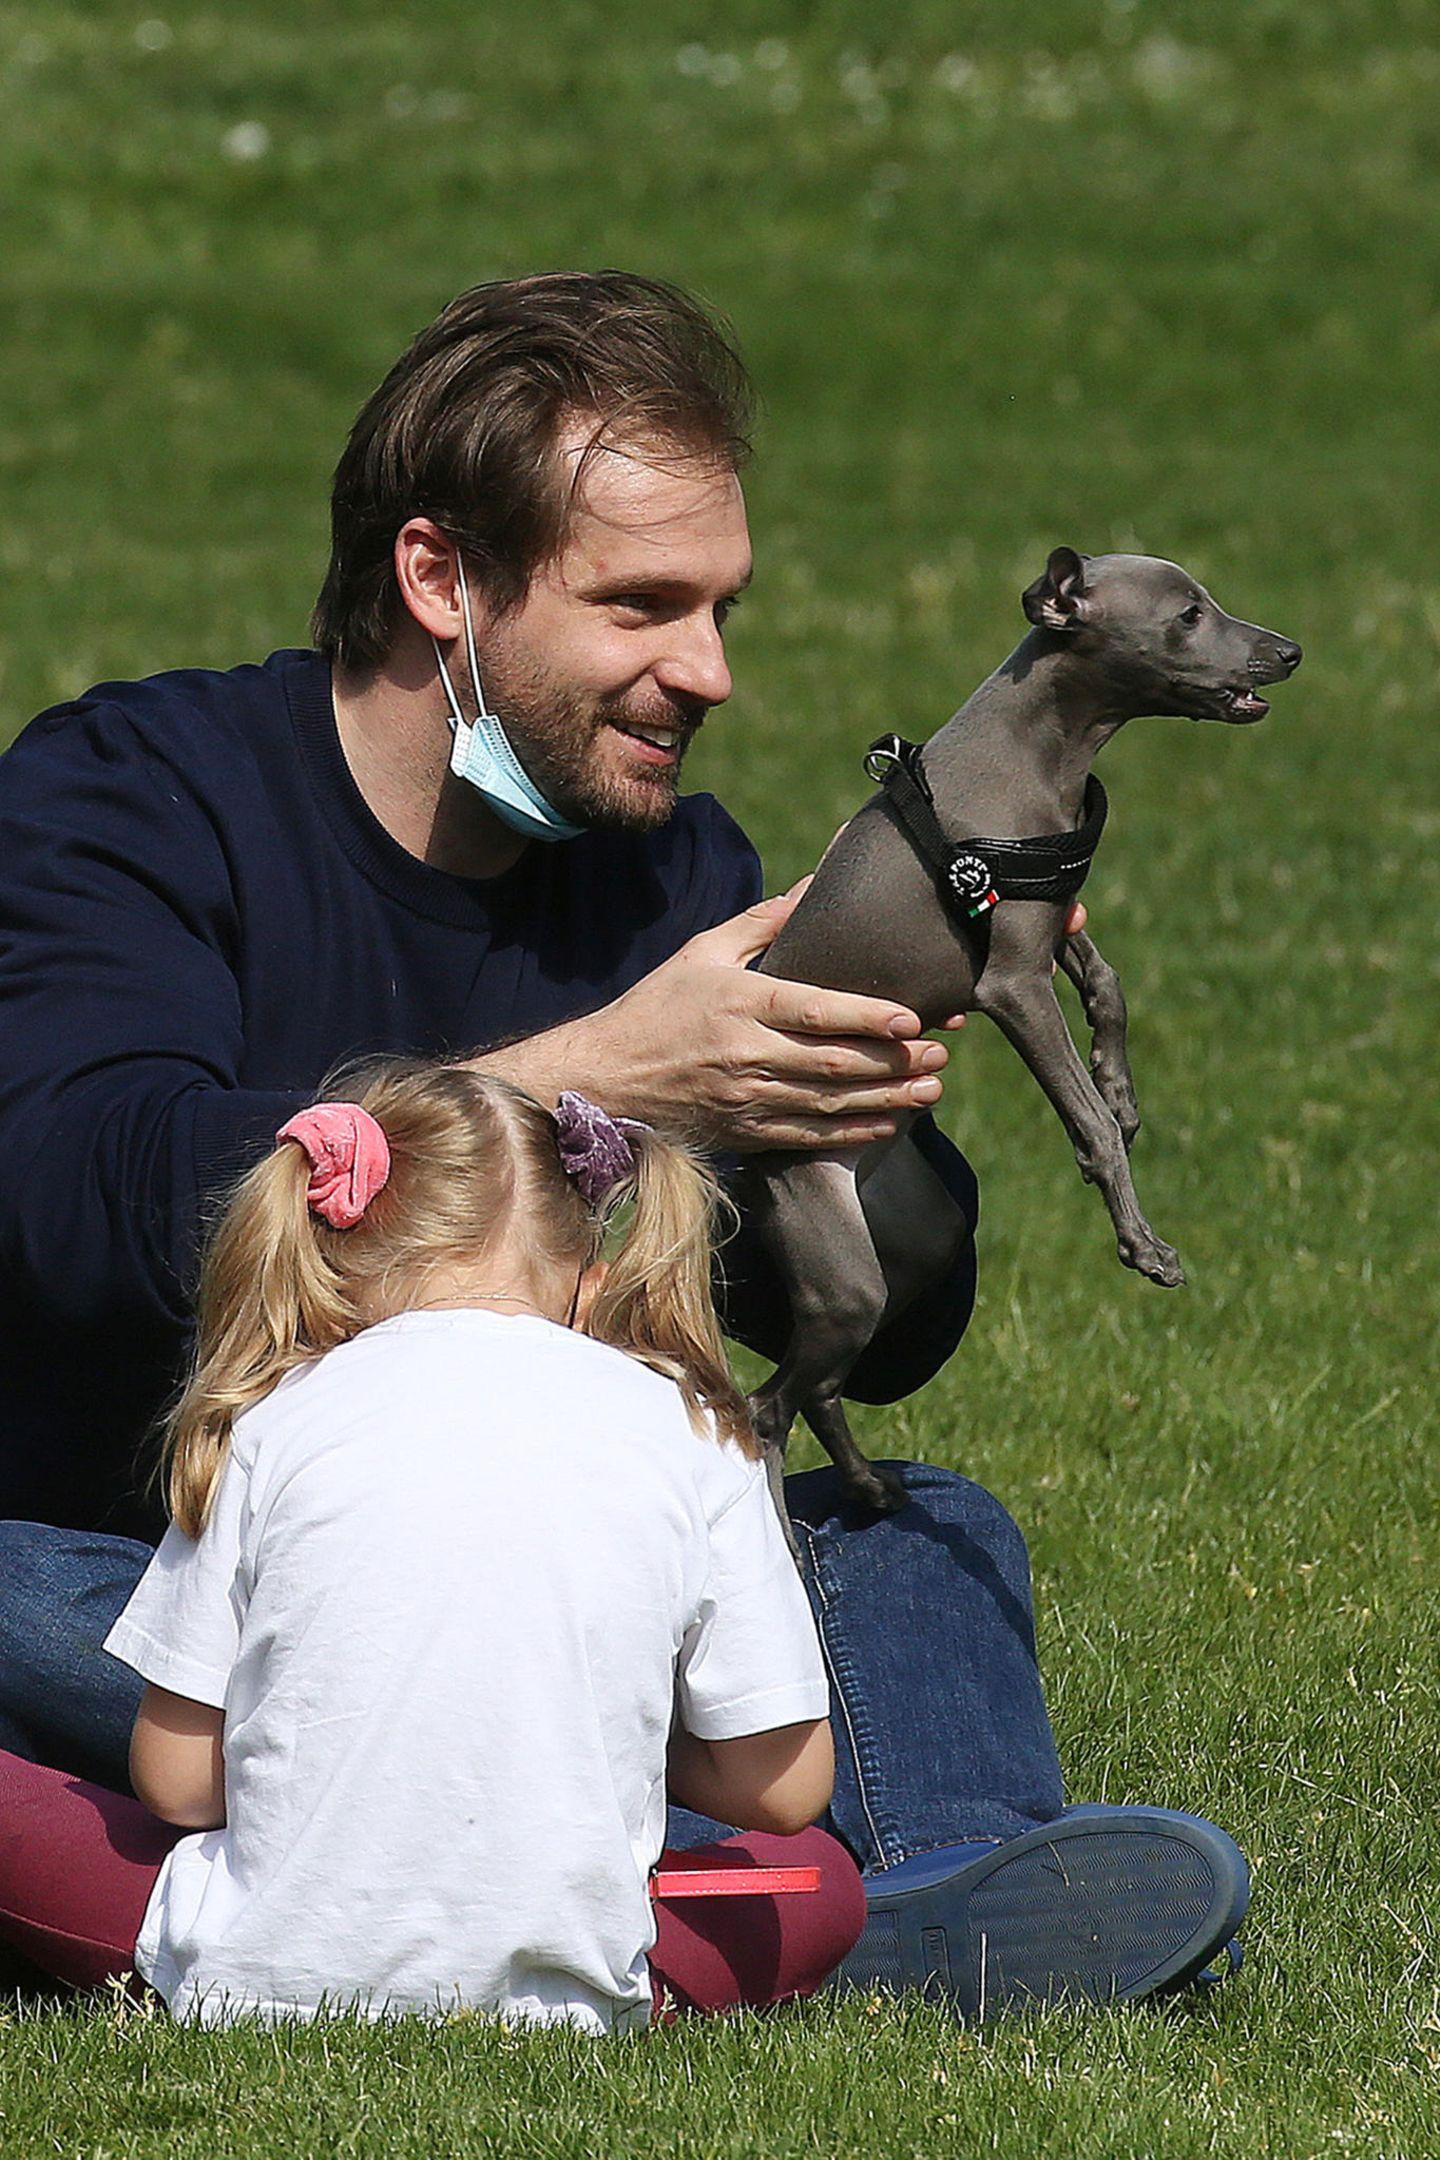 10. Mai 2020  Natürlich immer unter Papas Aufsicht. Auch den jüngsten Familienzuwachs, den Greyhound-Welpen Odino, hat Tomaso Trussardi mit auf den Ausflug in den Park genommen.